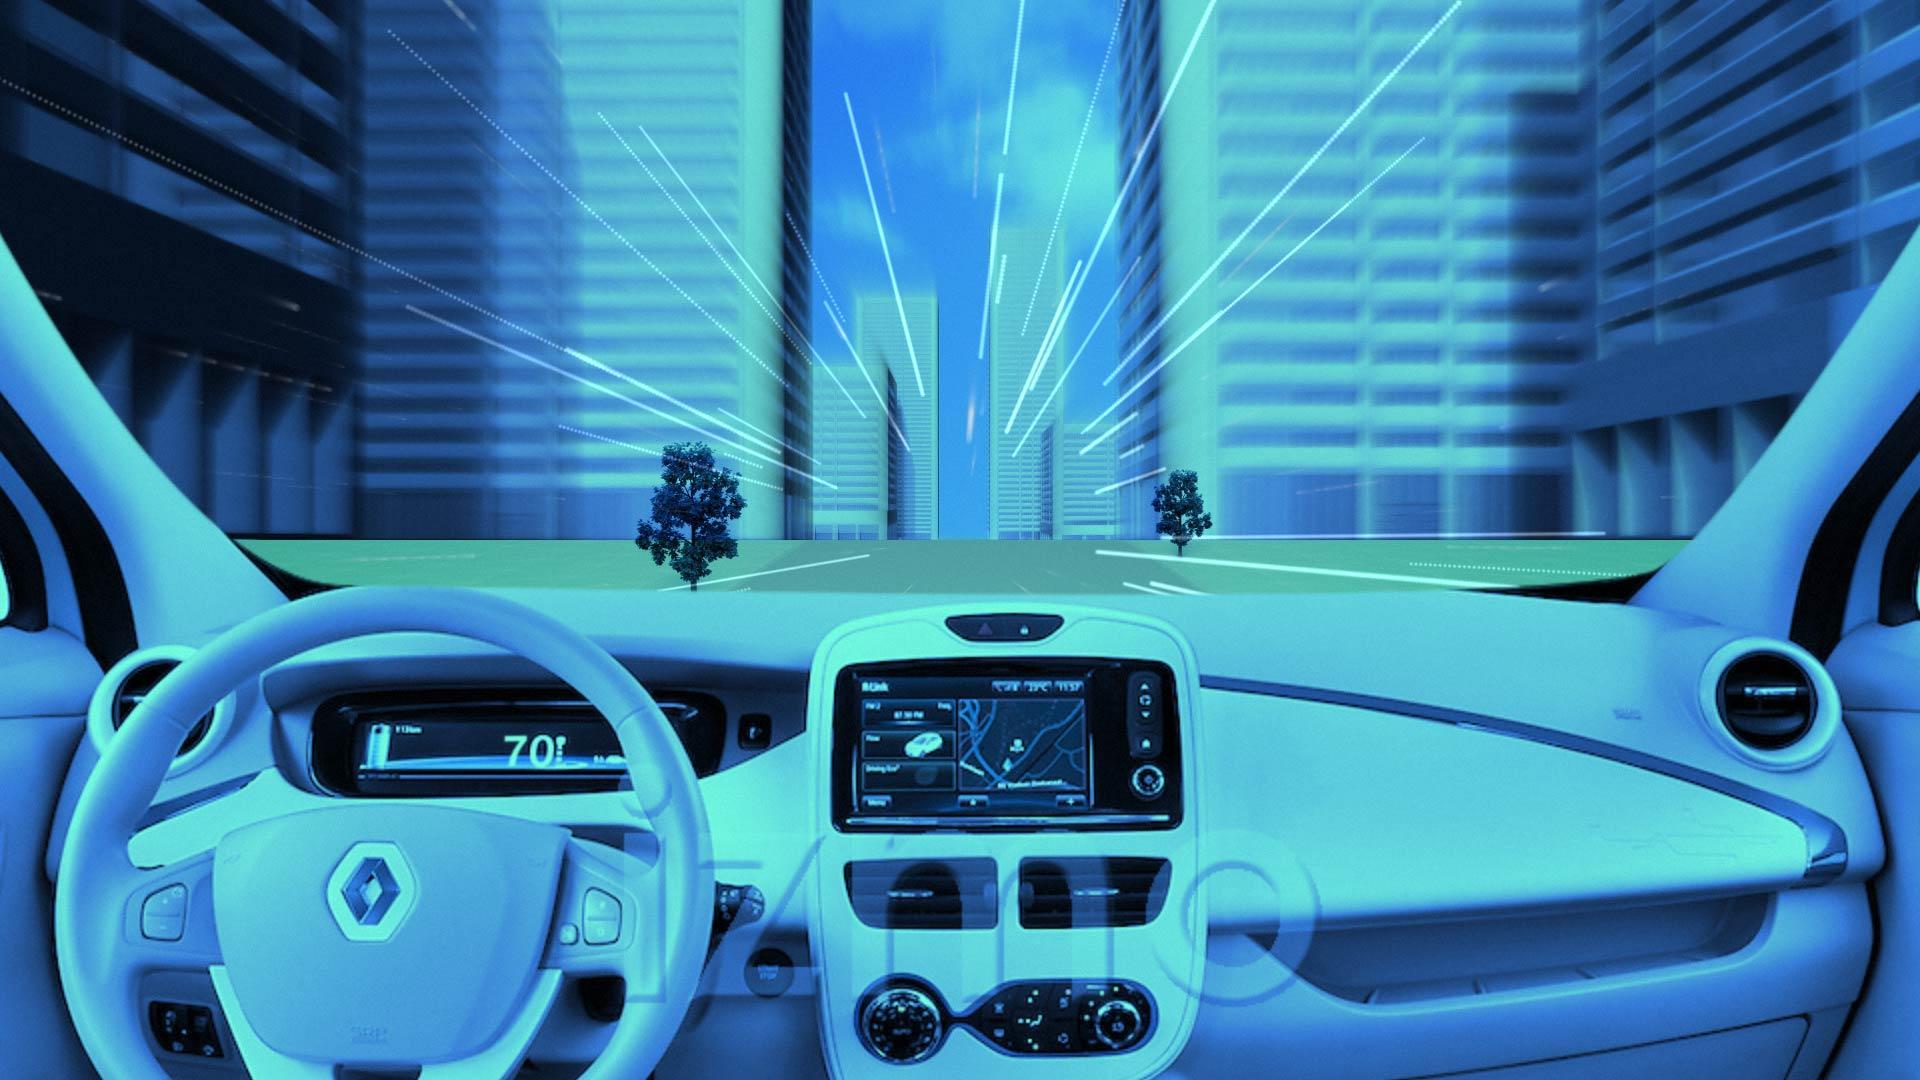 Renault_Seq06A_PM.jpg